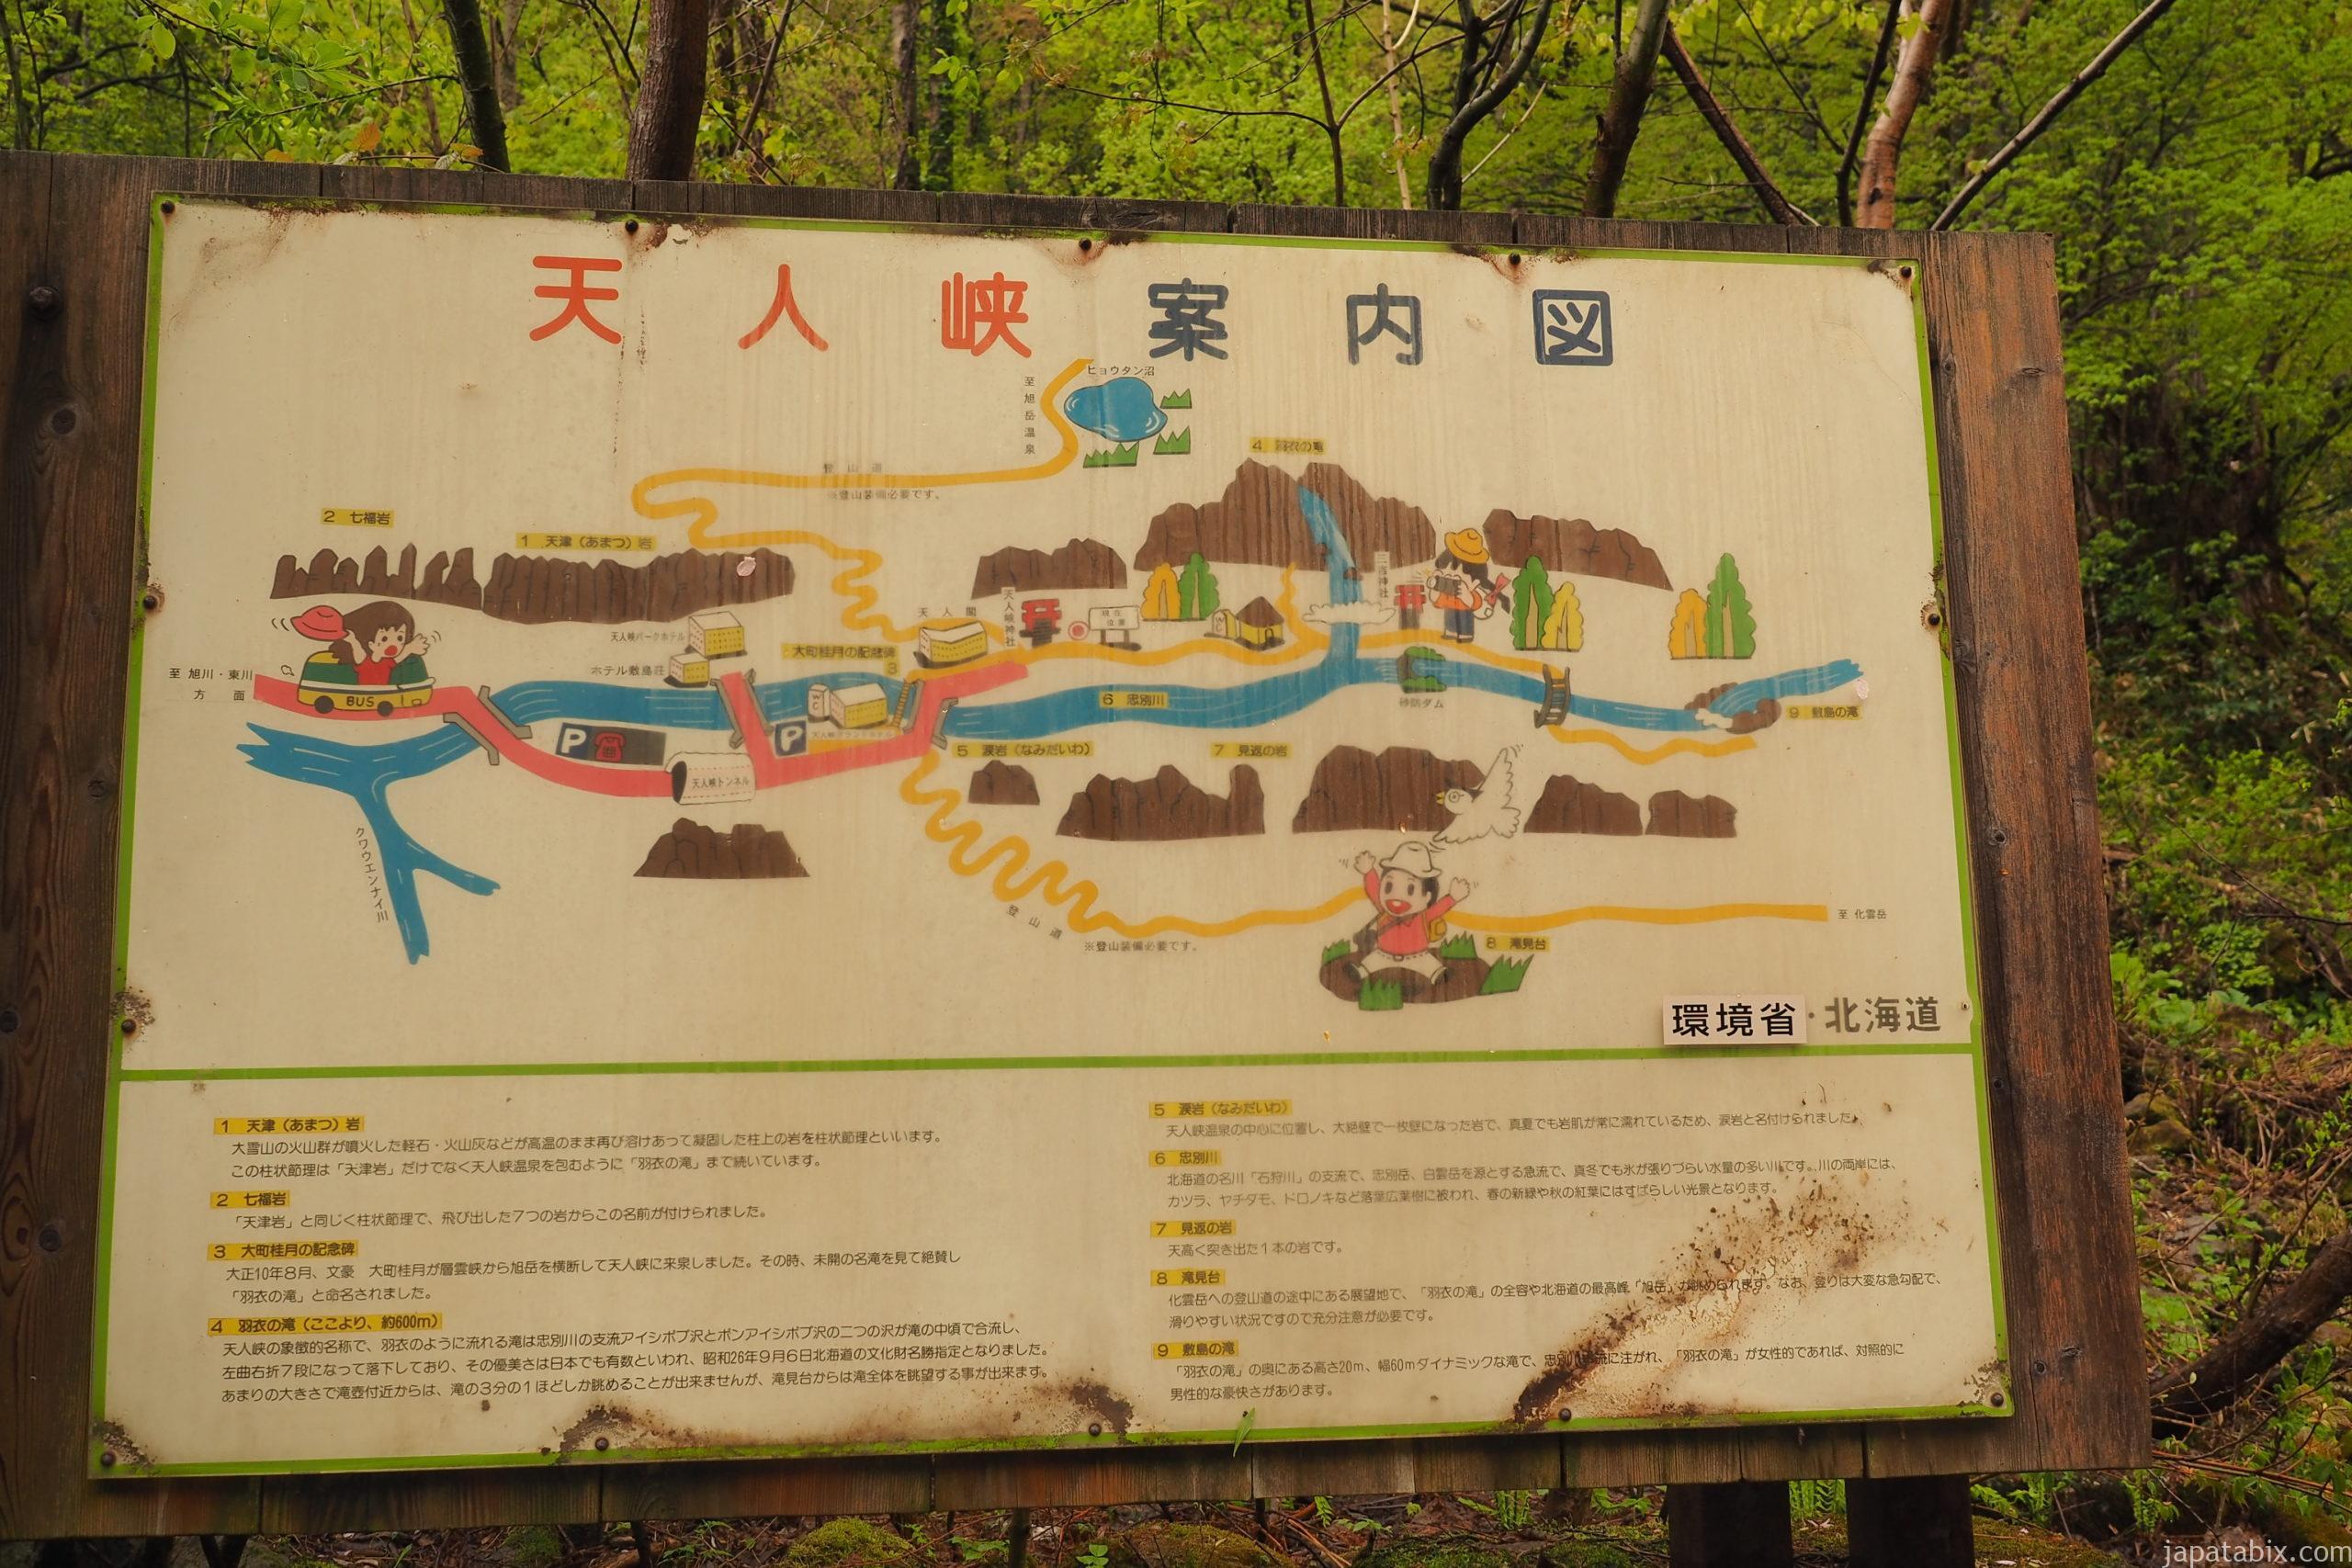 北海道 東川町 天人峡 コースマップ